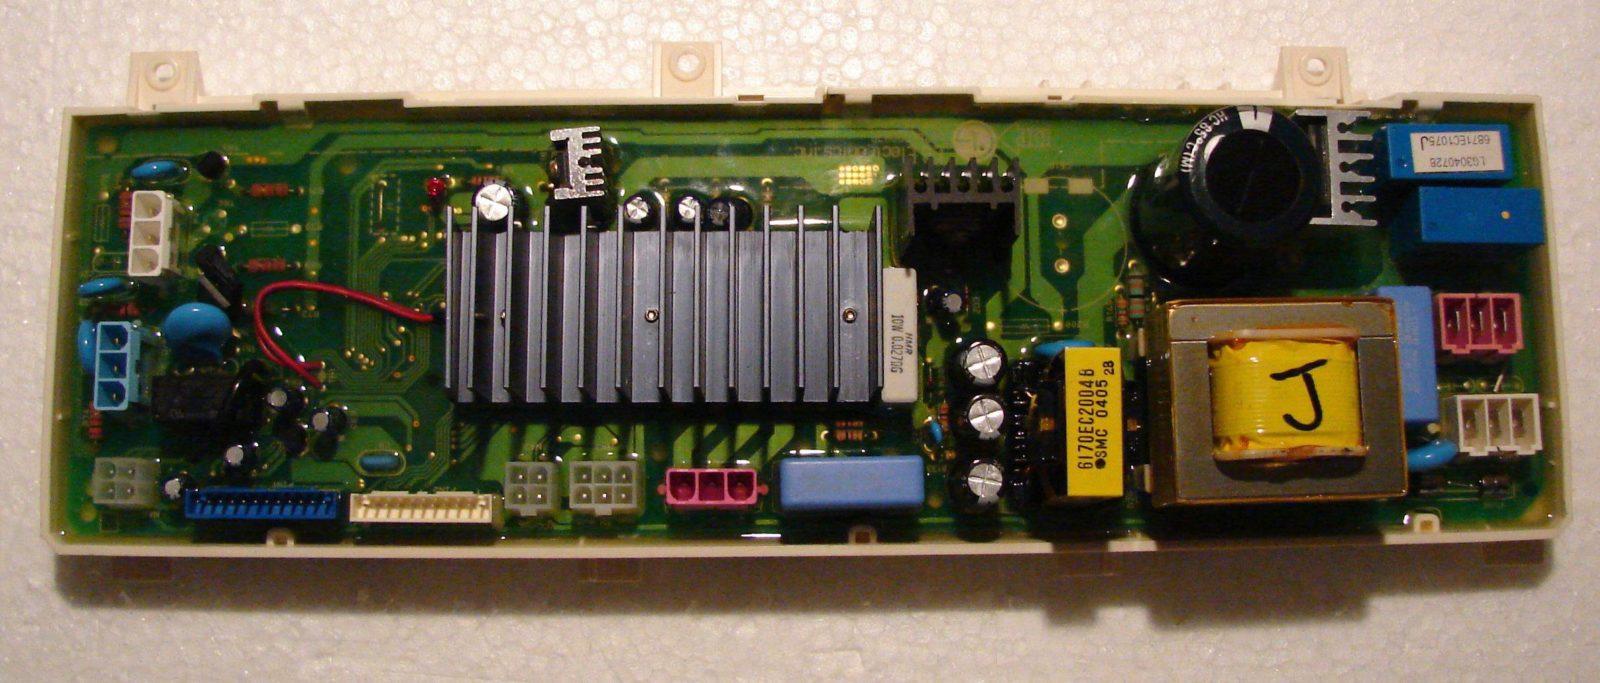 Стоит ли делать ремонт электронных модулей своими руками?